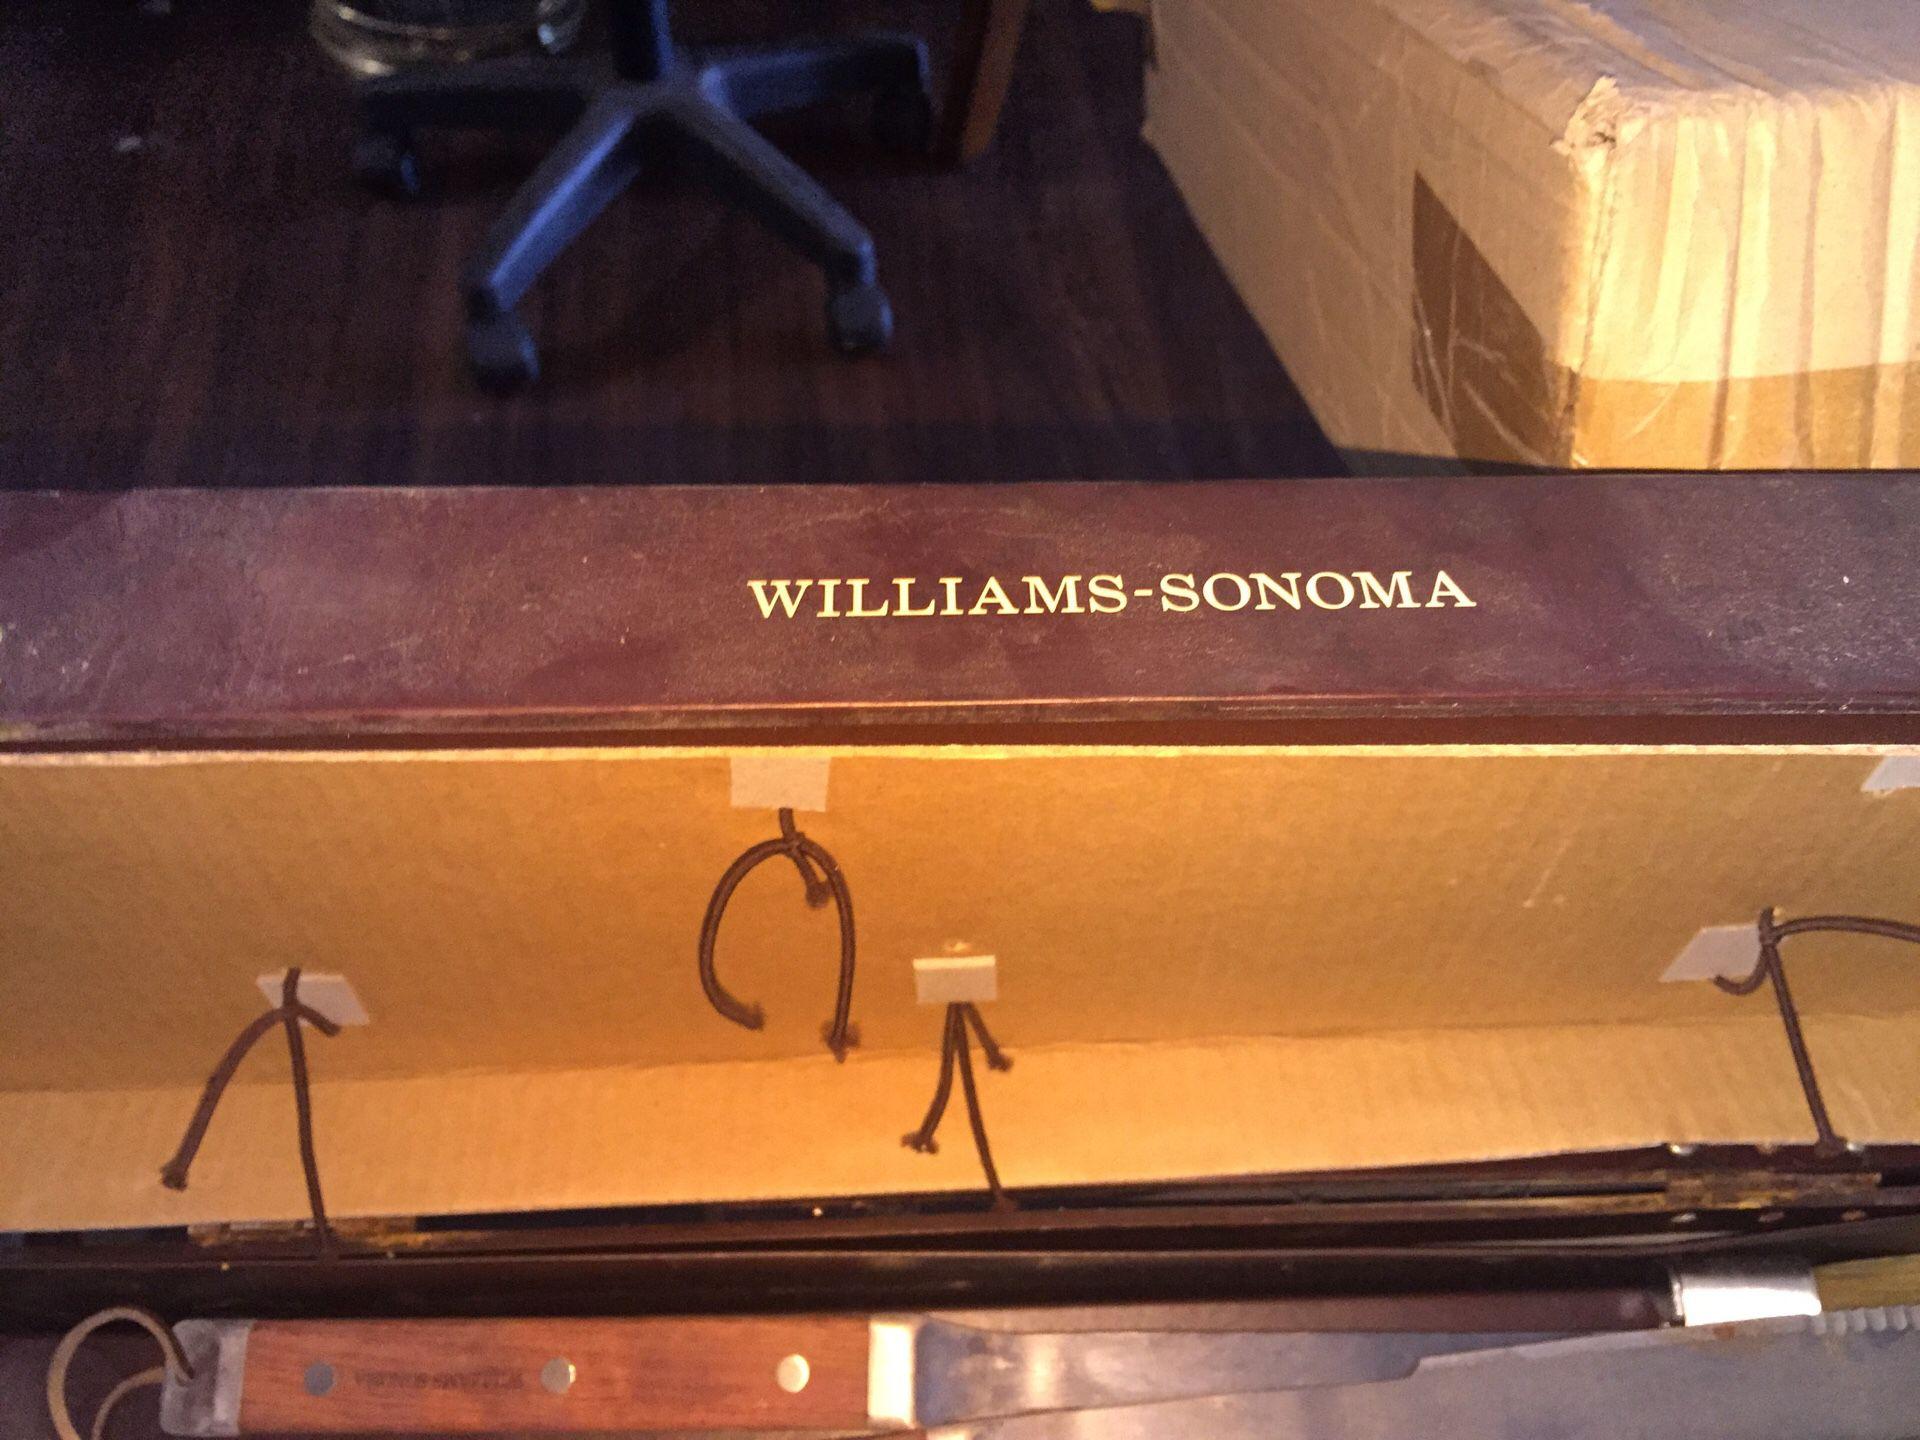 William Sonoma grilling set